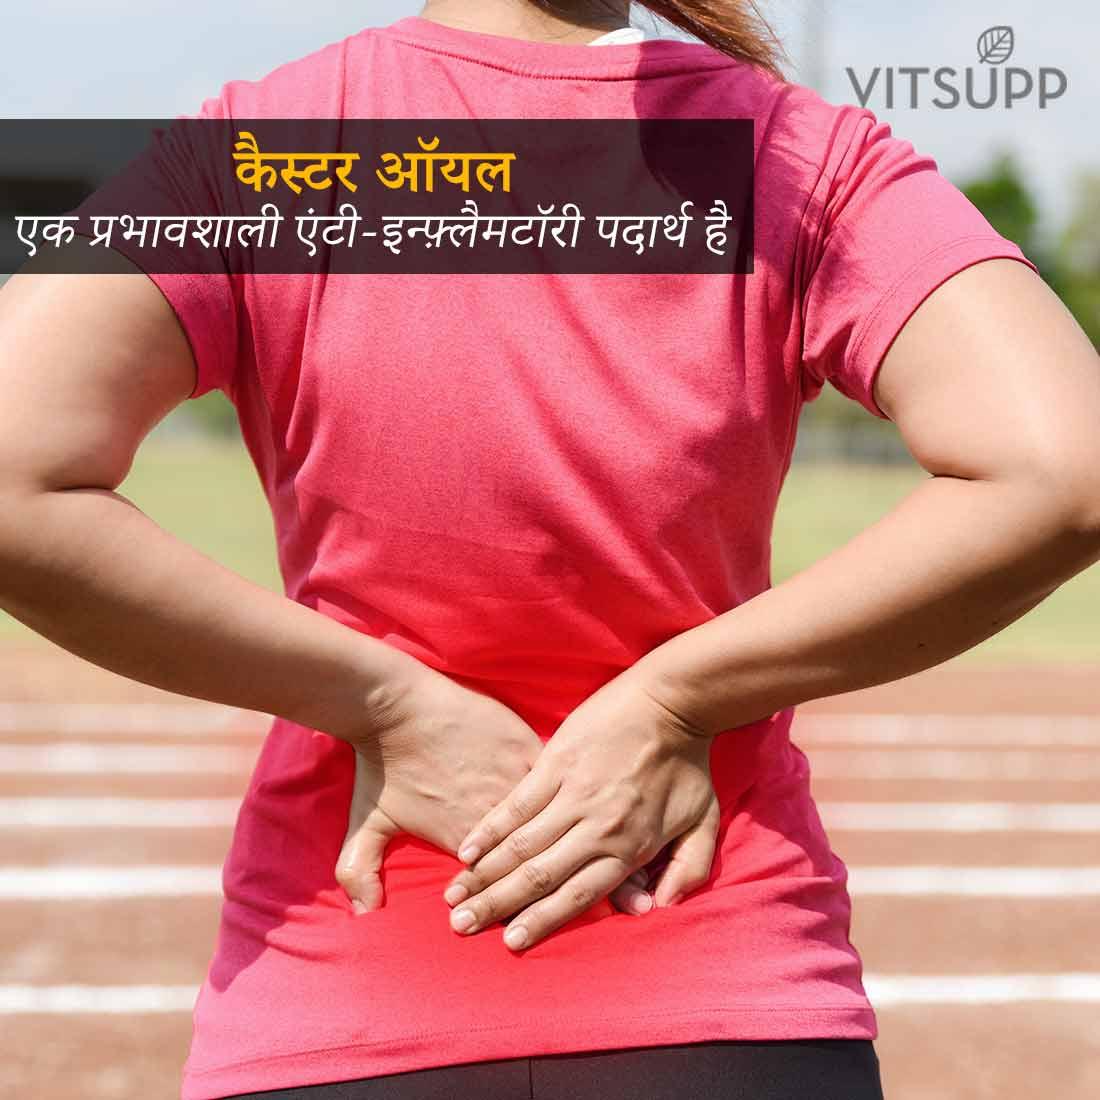 Anti-inflammatory use of arandi oil in hindi